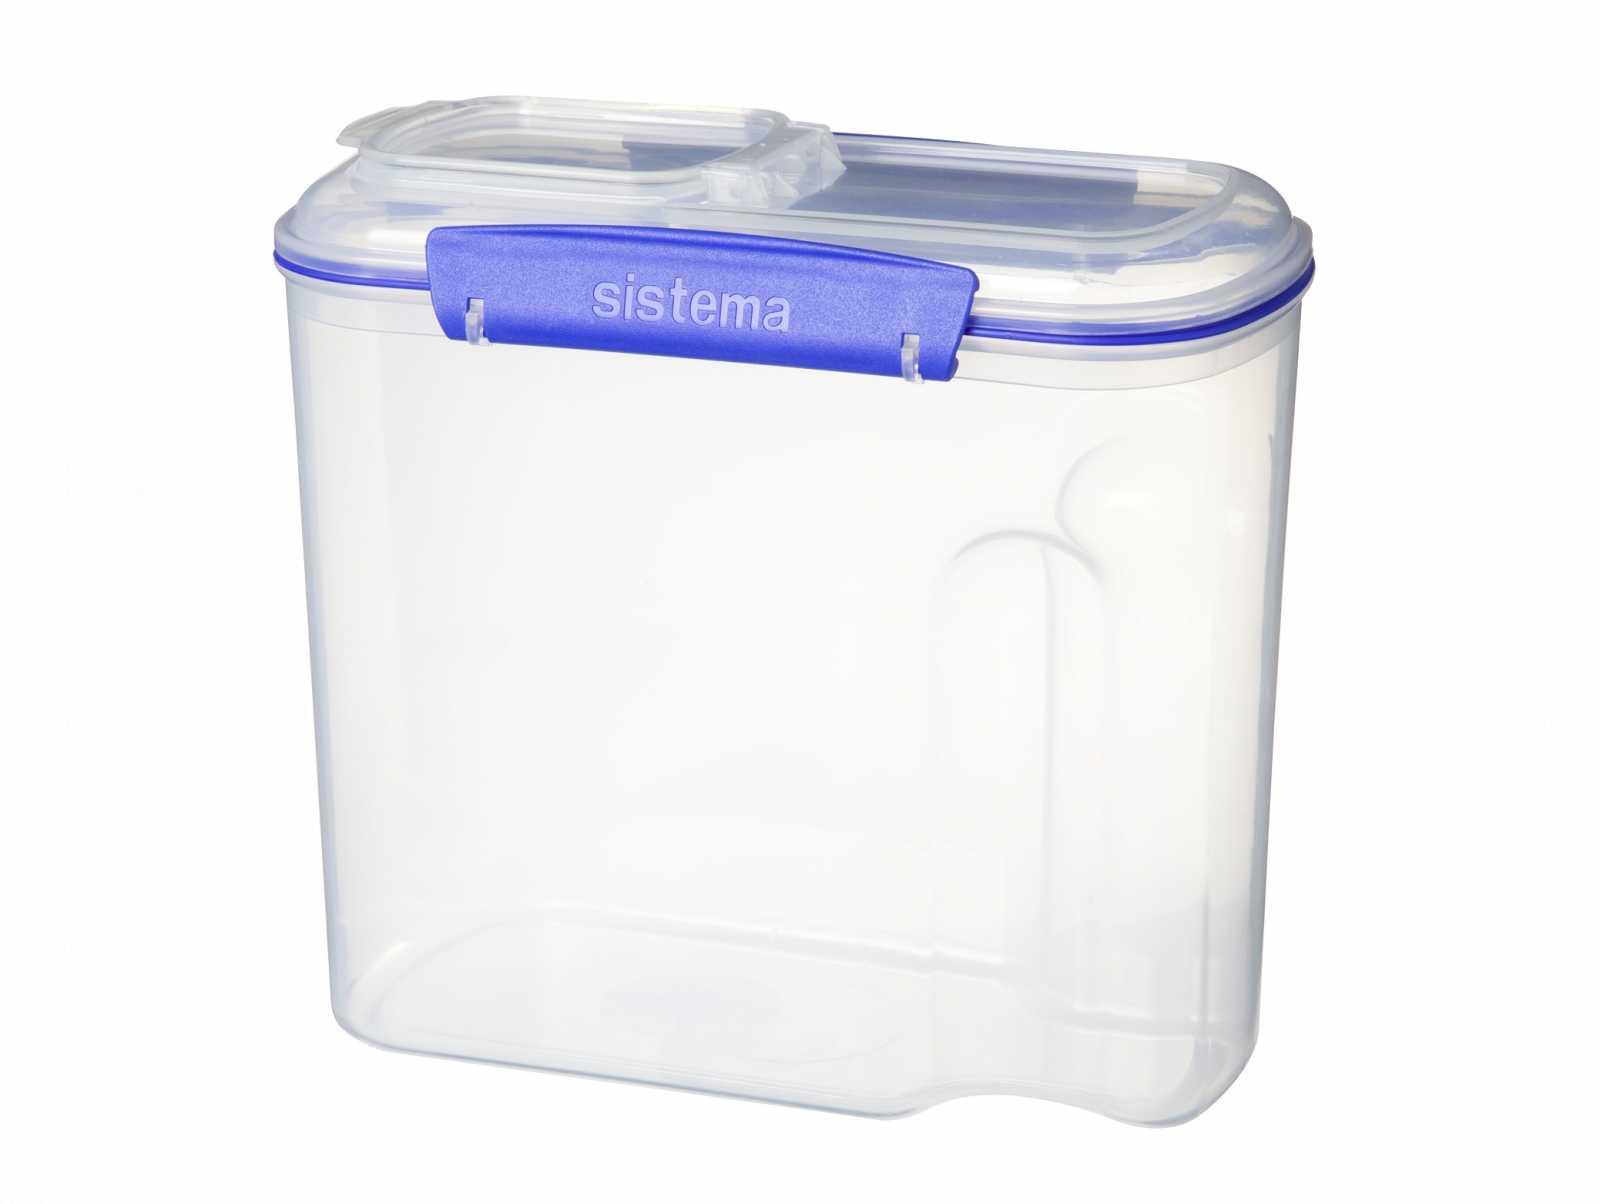 Онлайн каталог PROMENU: Емкость с крышкой для хранения Sistema KLIP IT, объем 2,8 л, прозрачный с синим Sistema 1430